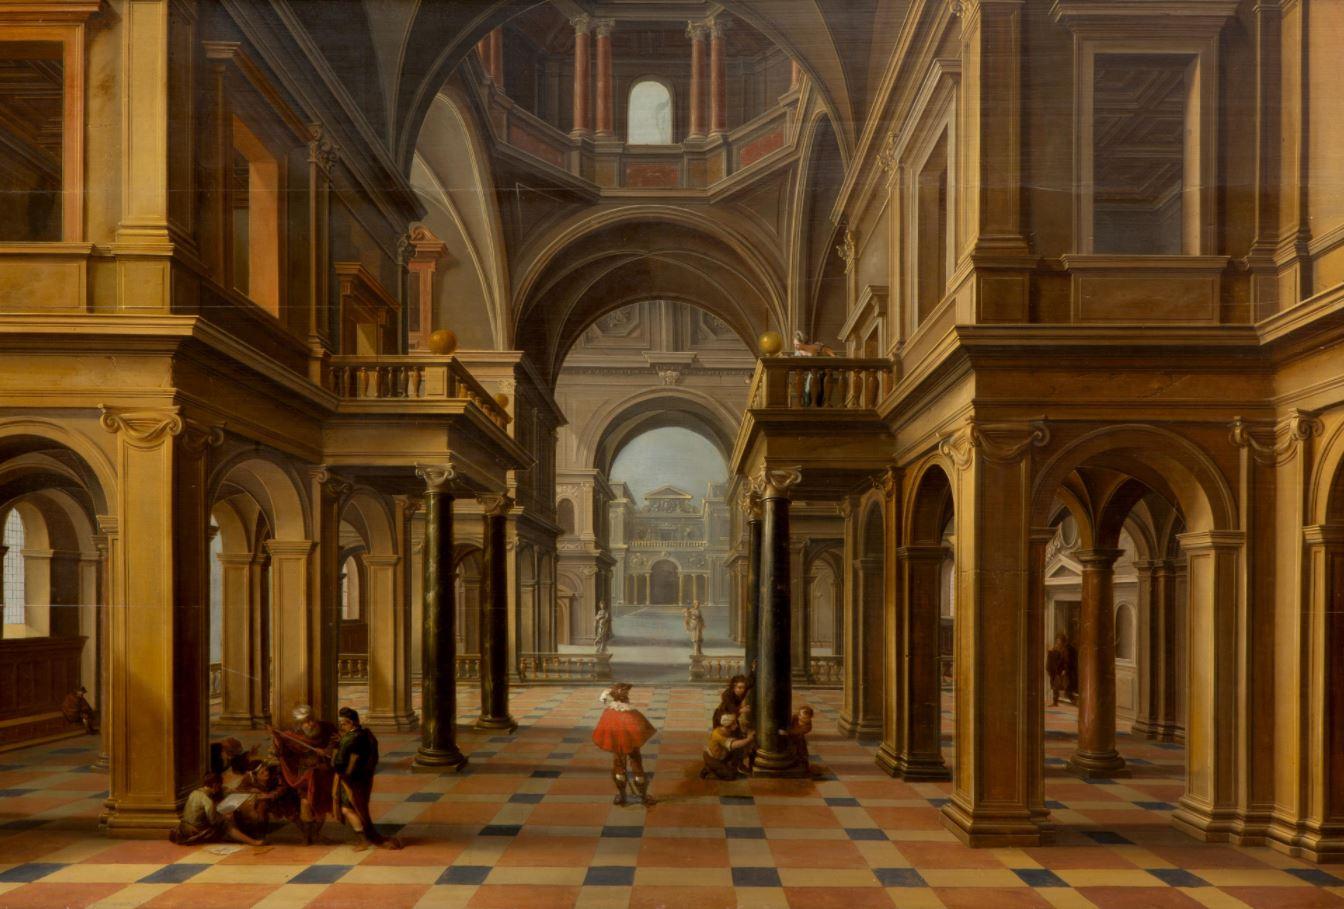 A Renaissance Church Interior Bassen Bartholomeus Van Metzemakers Kunstmakelaardij